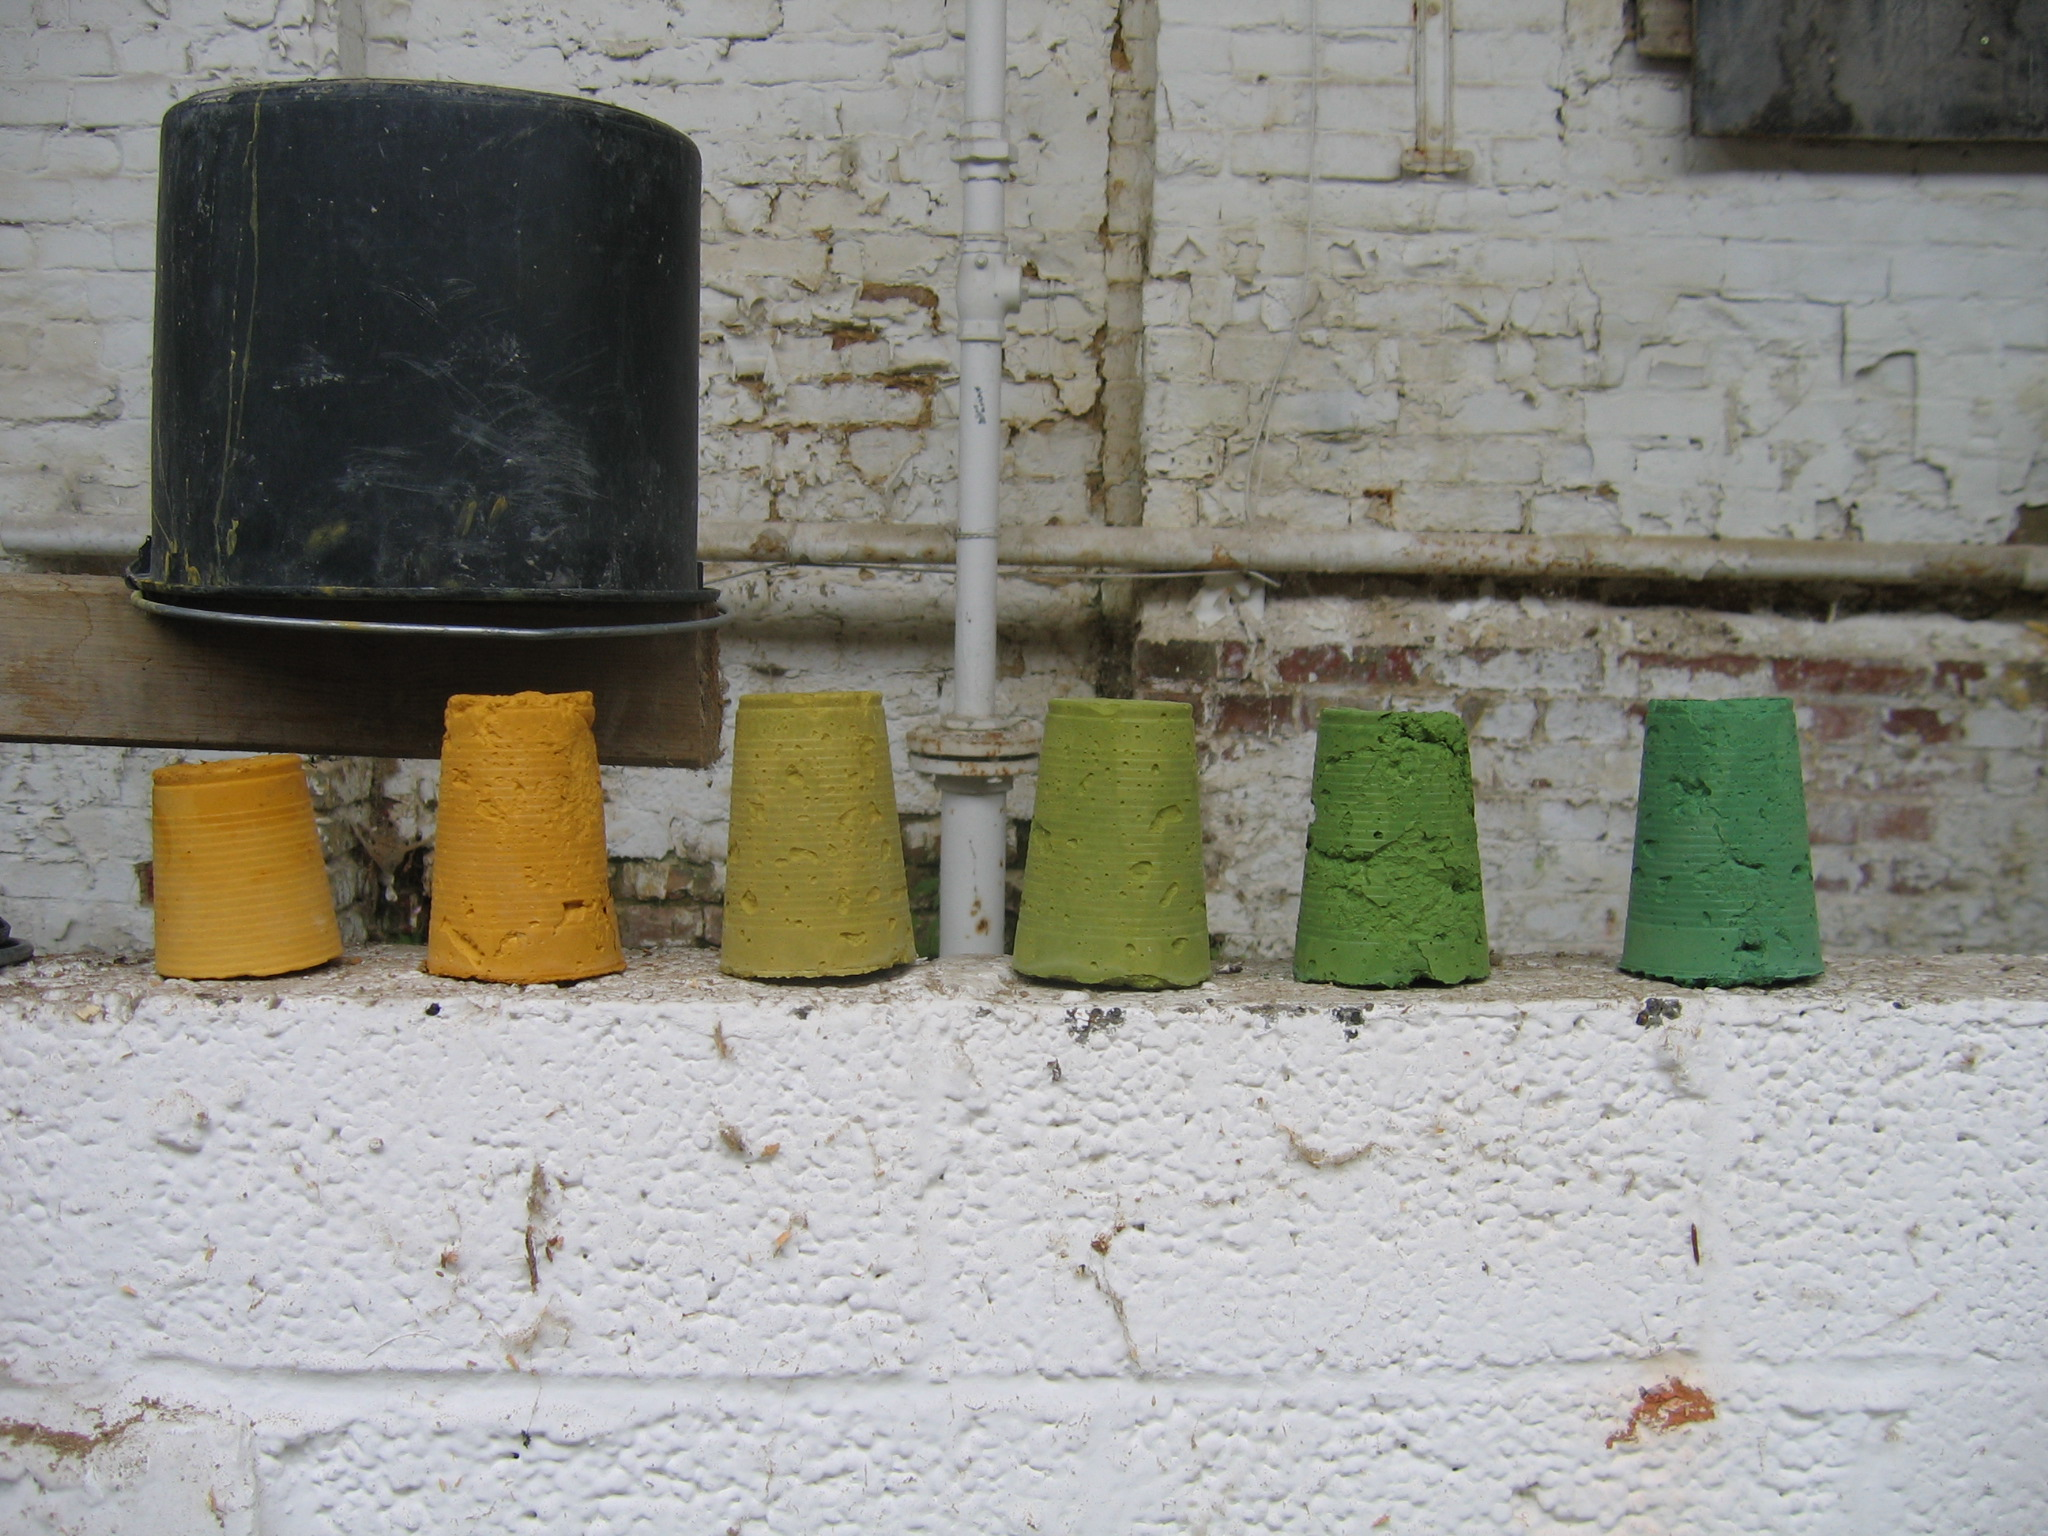 Pigmentation Experiments